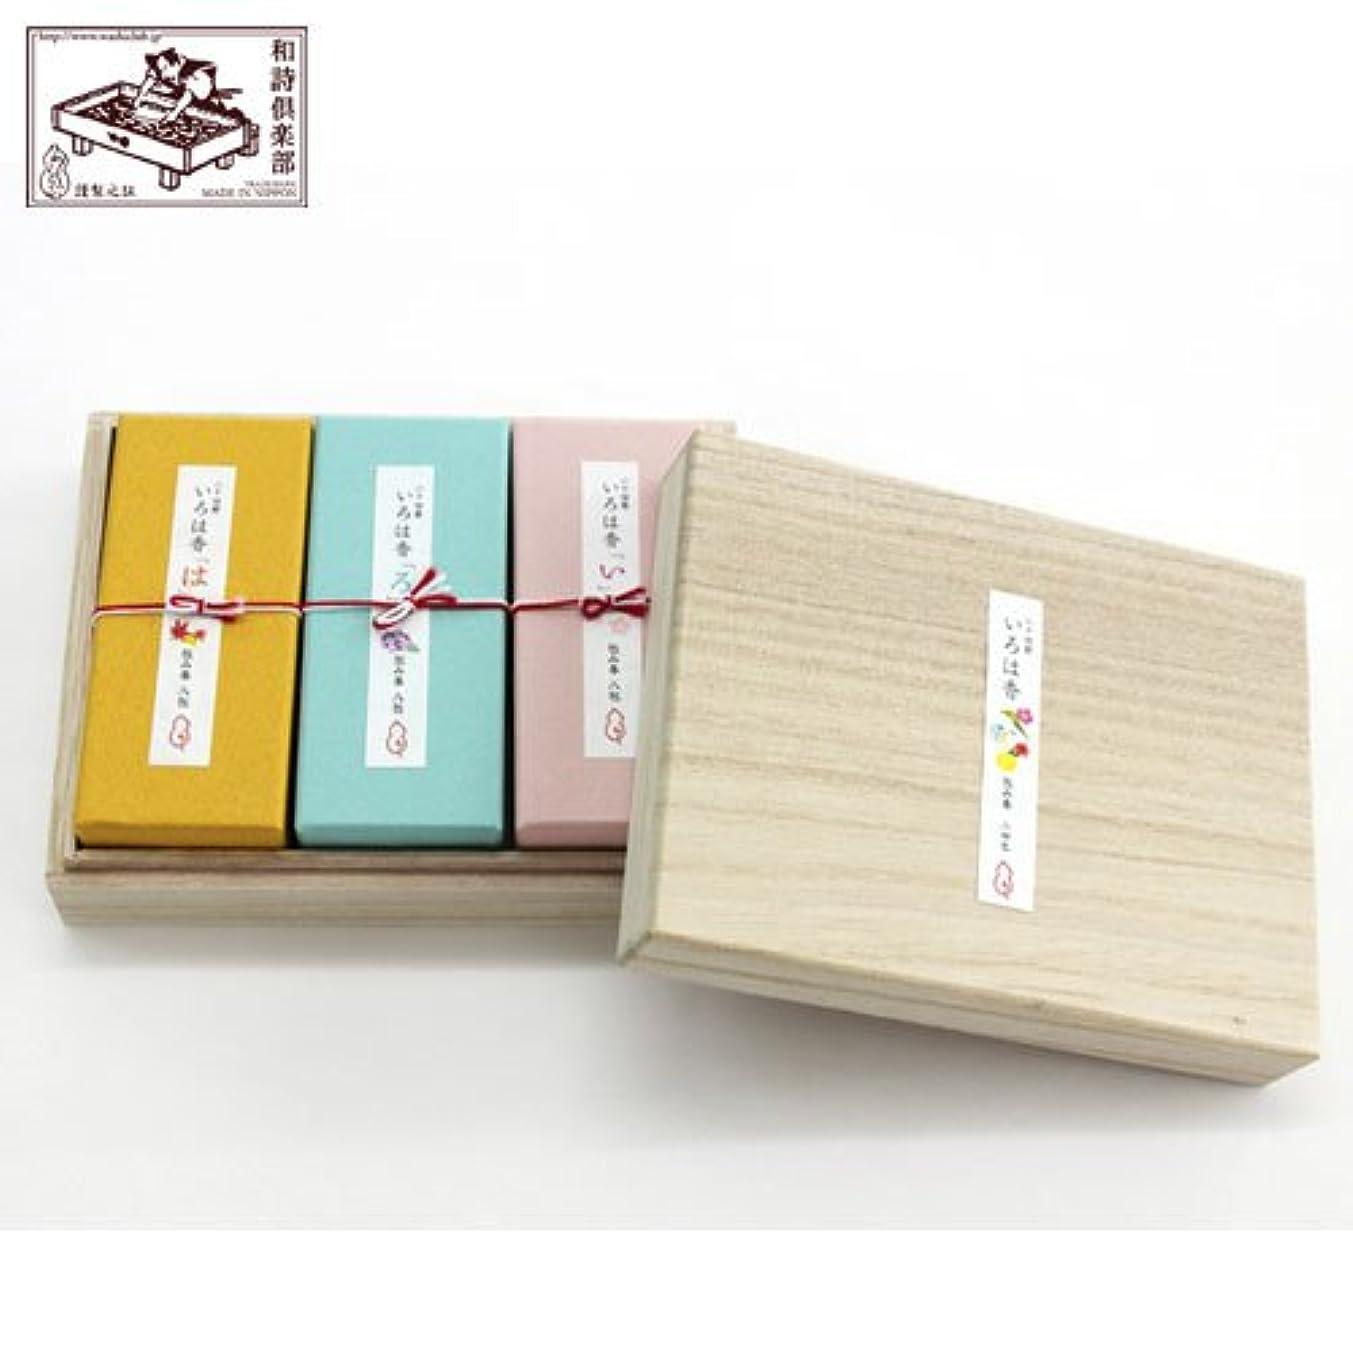 ラビリンス寸前の前で文香包み香セットいろは香二十四節気 (TT-001)和詩倶楽部